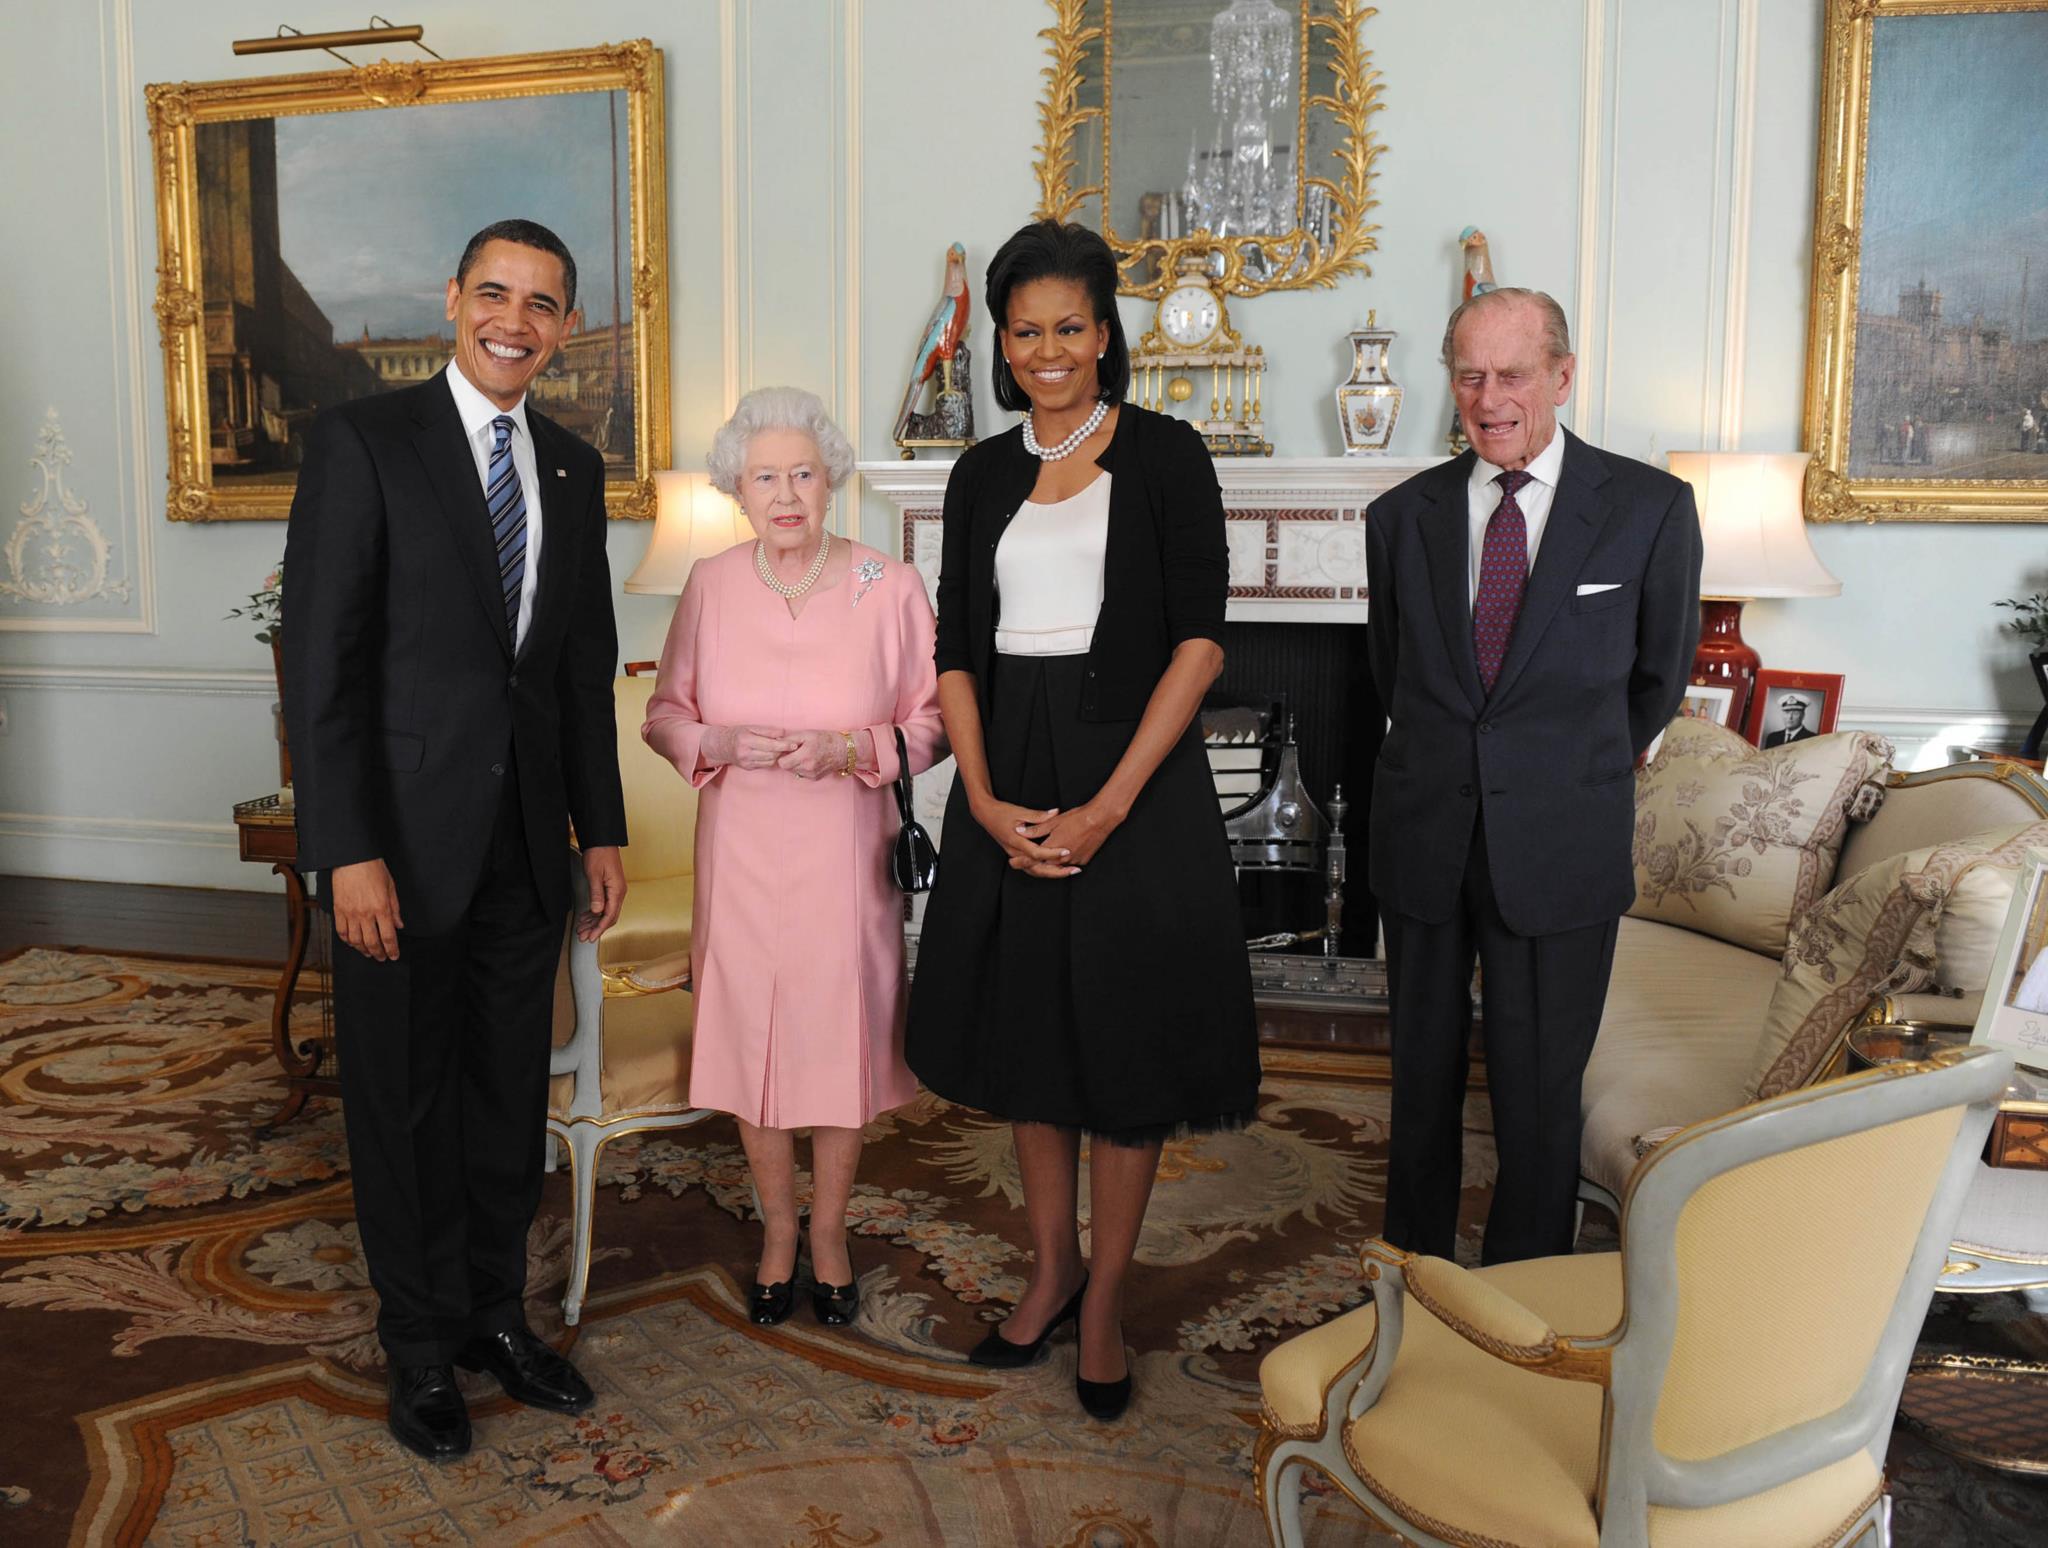 Barack e Michelle Obama em 2009 no palácio de Buckingham, em Londres, 2009